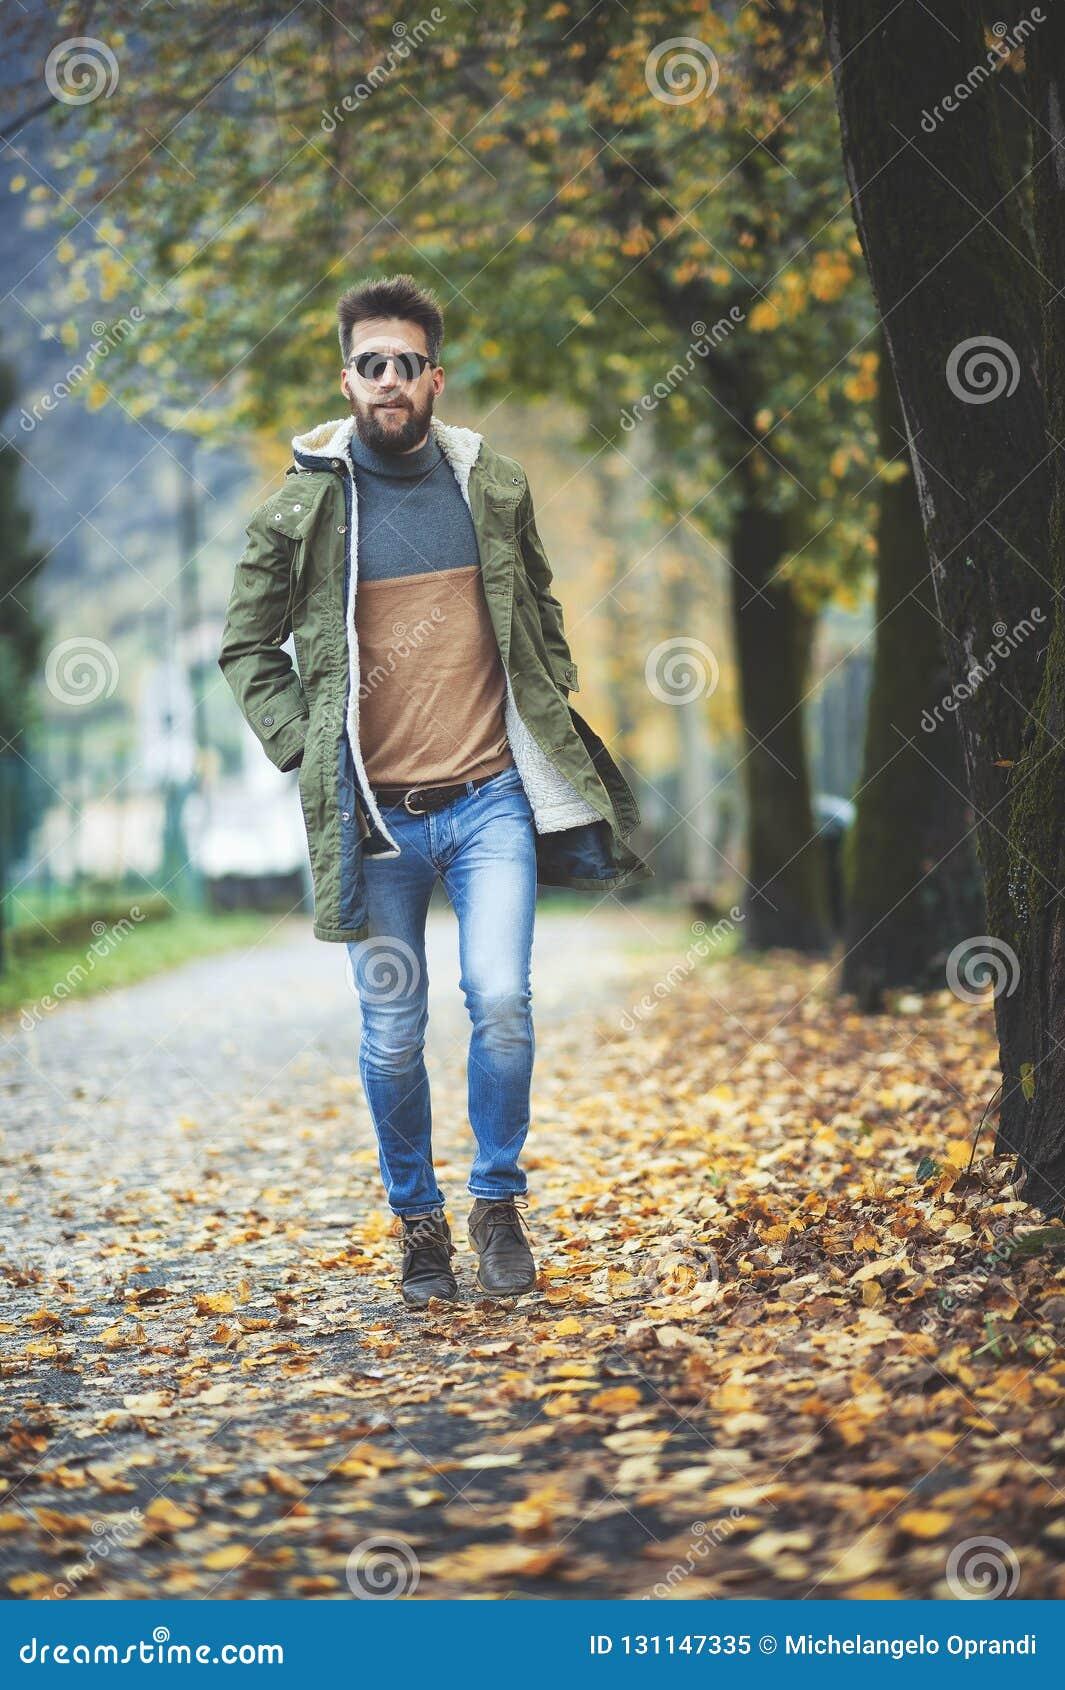 Περιστασιακό άτομο ύφους χίπηδων που περπατά μεταξύ των φύλλων φθινοπώρου